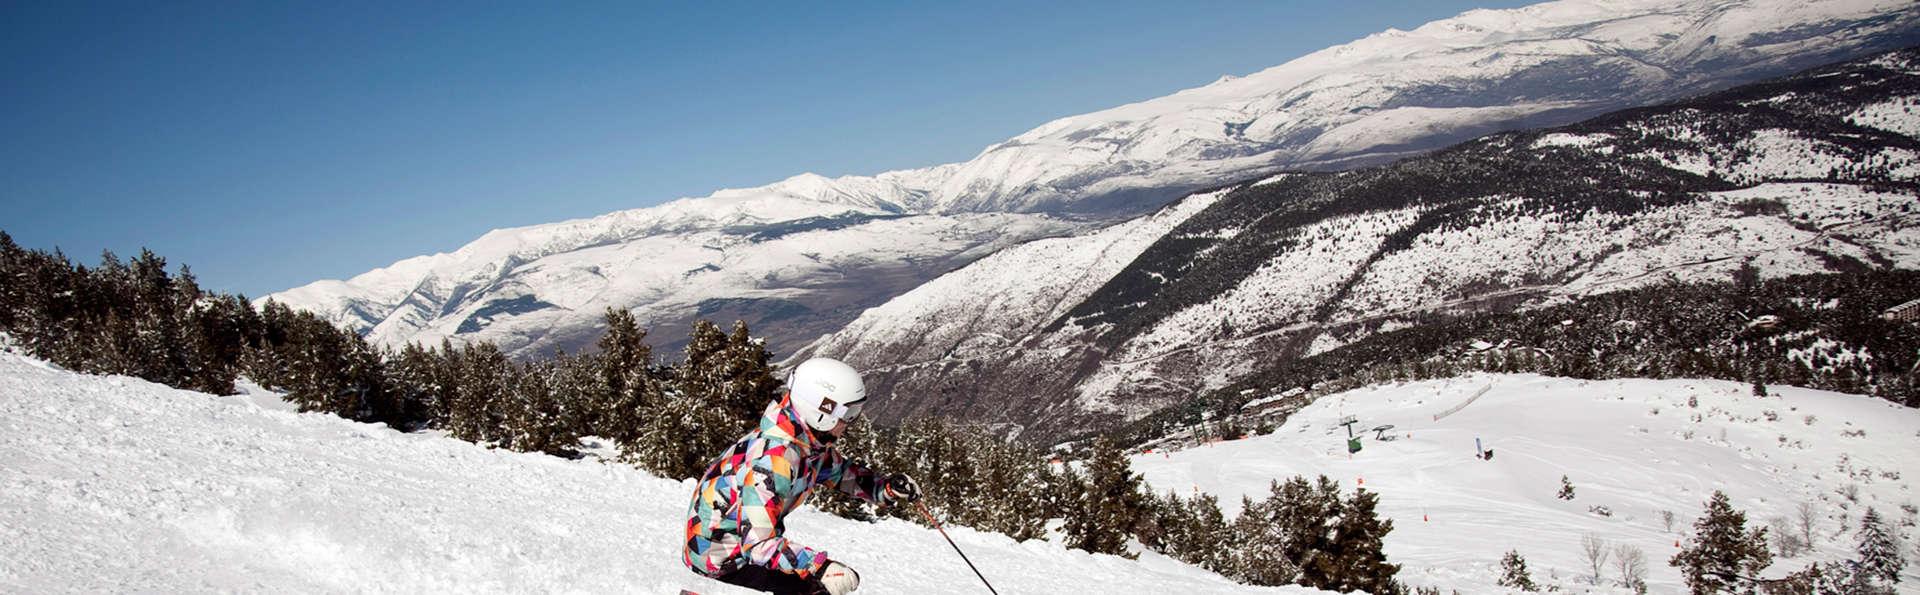 Profitez de la neige à La Molina et découvrez Bagà (à partir de 2 nuits)